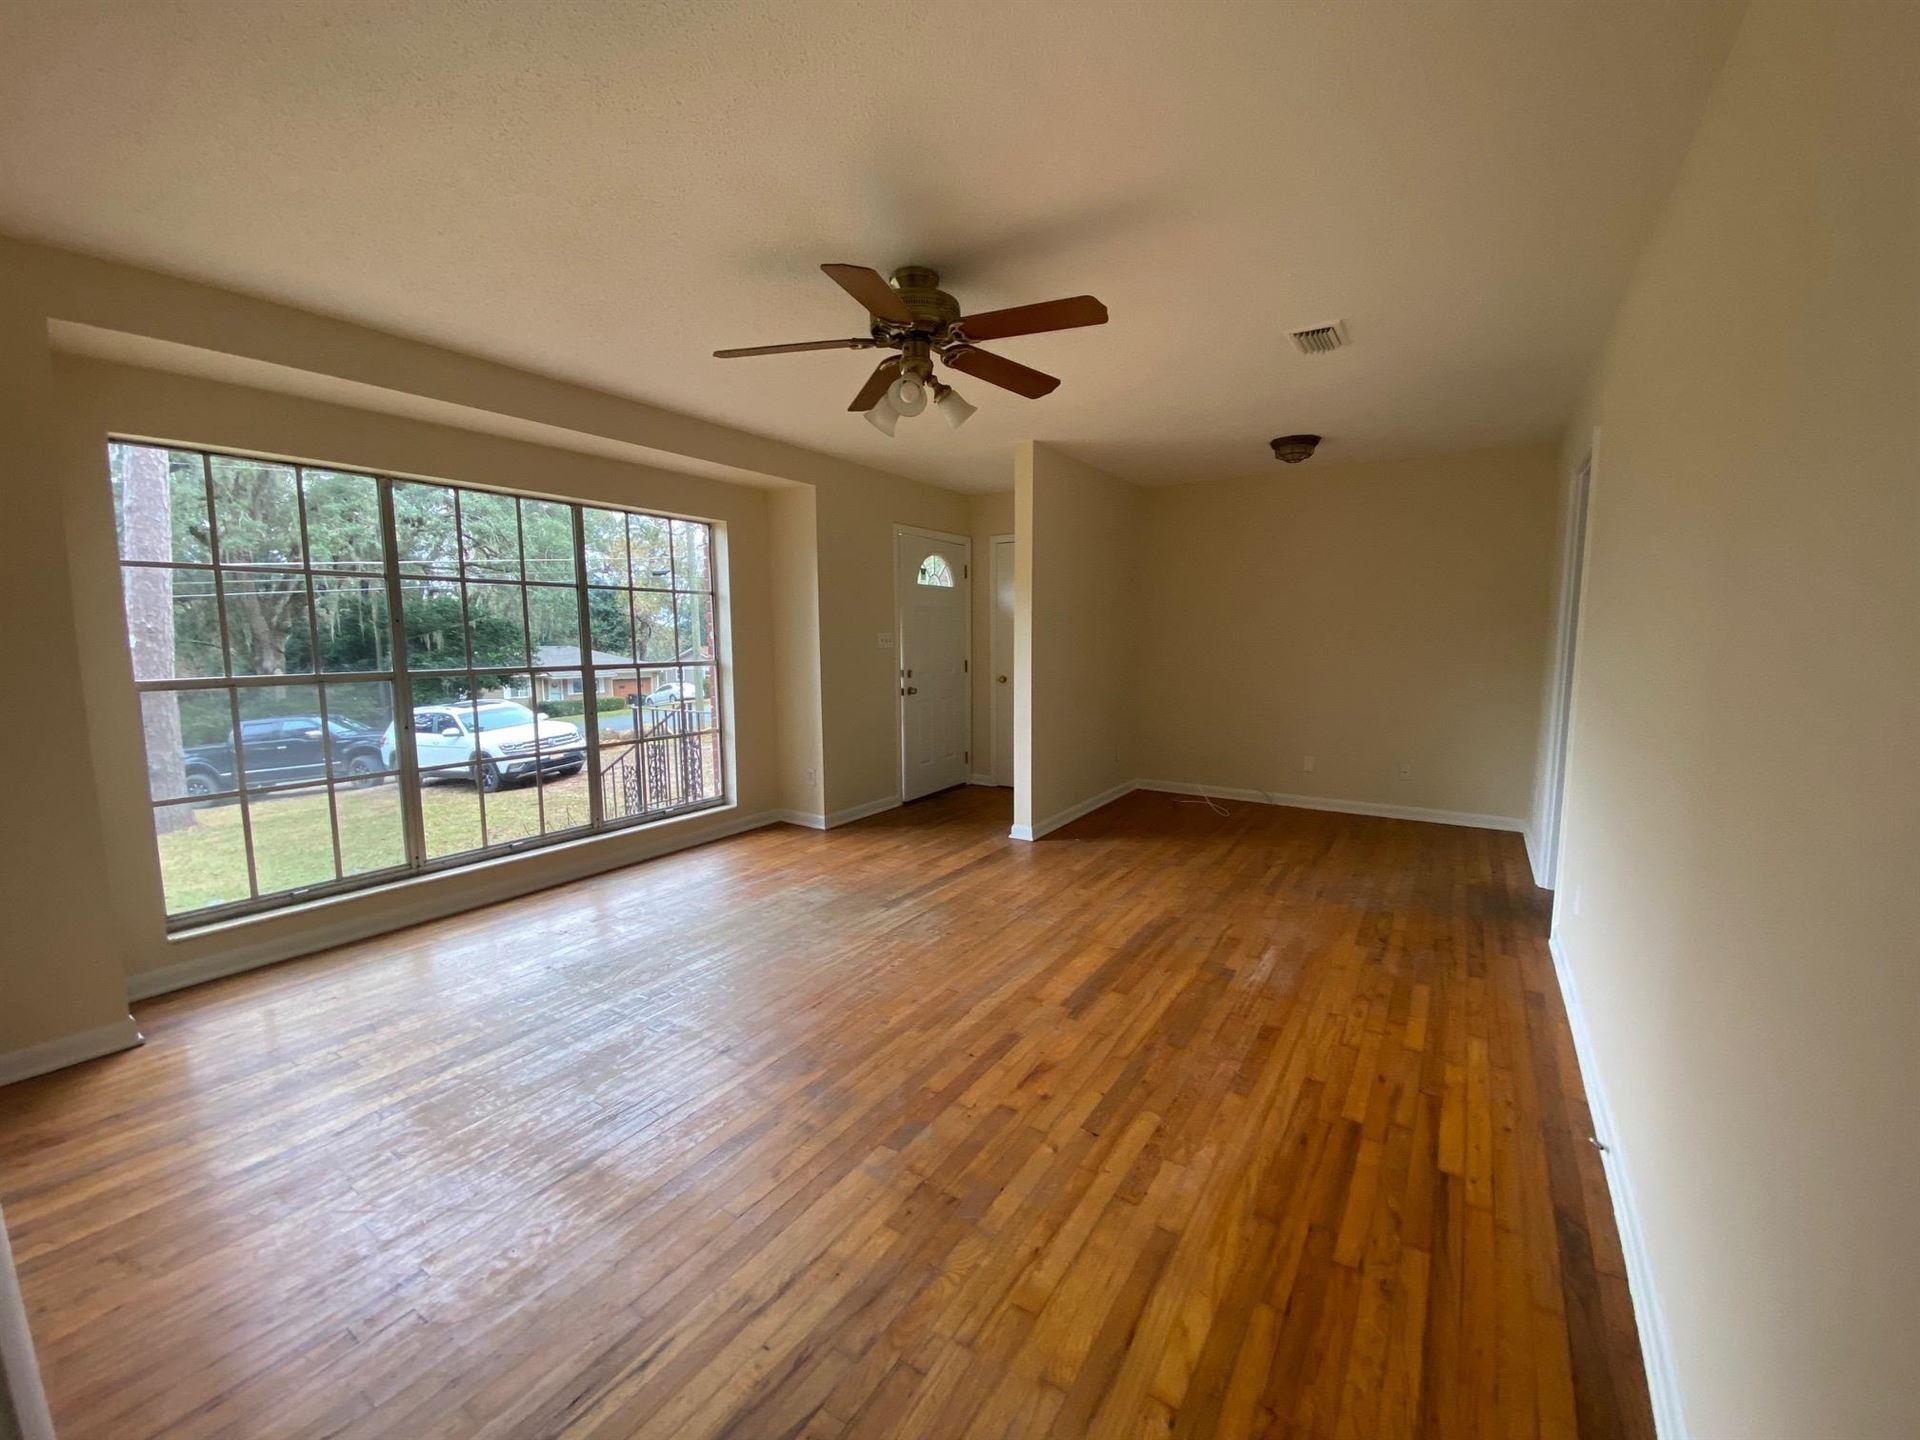 Photo of 2119 Longview Drive, TALLAHASSEE, FL 32303 (MLS # 335380)